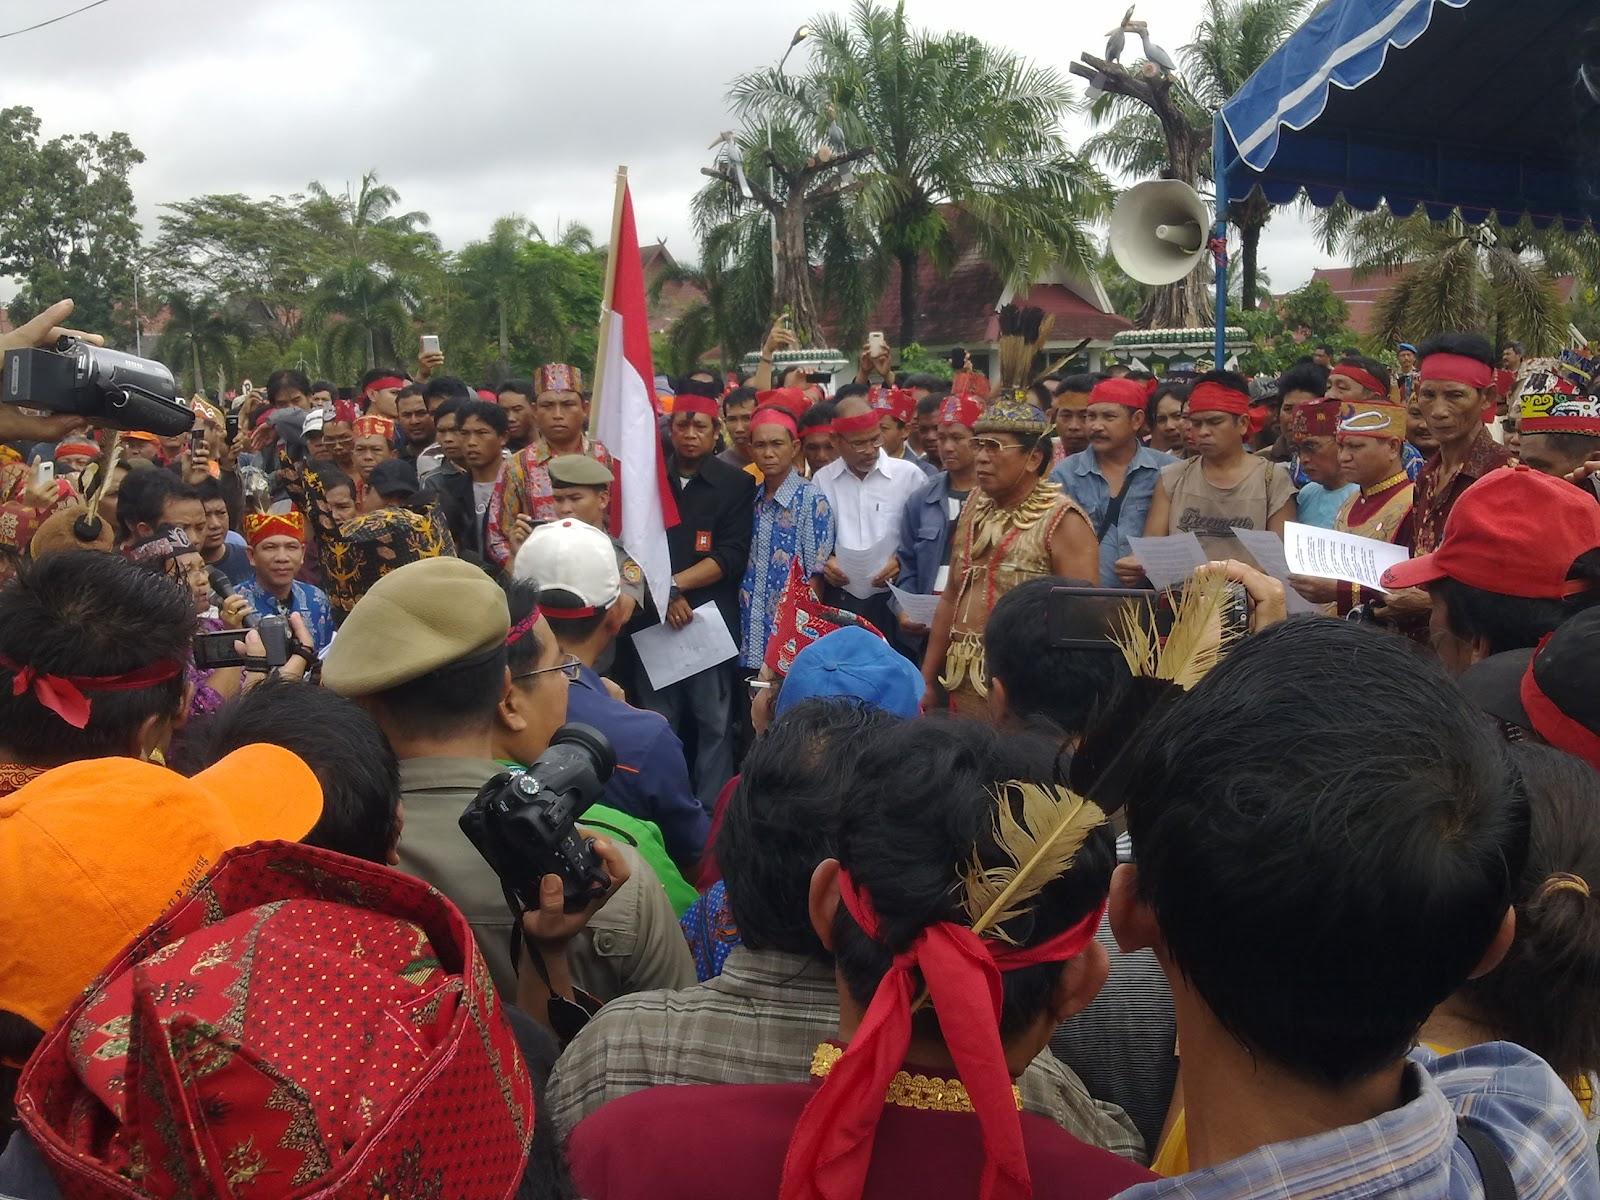 Revêtus de leurs habits traditionnels, les opposants dayaks au FPI ont enchaîné discours, danses et rituels pendants toute la matinée du 11 février (www.palangkazone.blogspot.com).